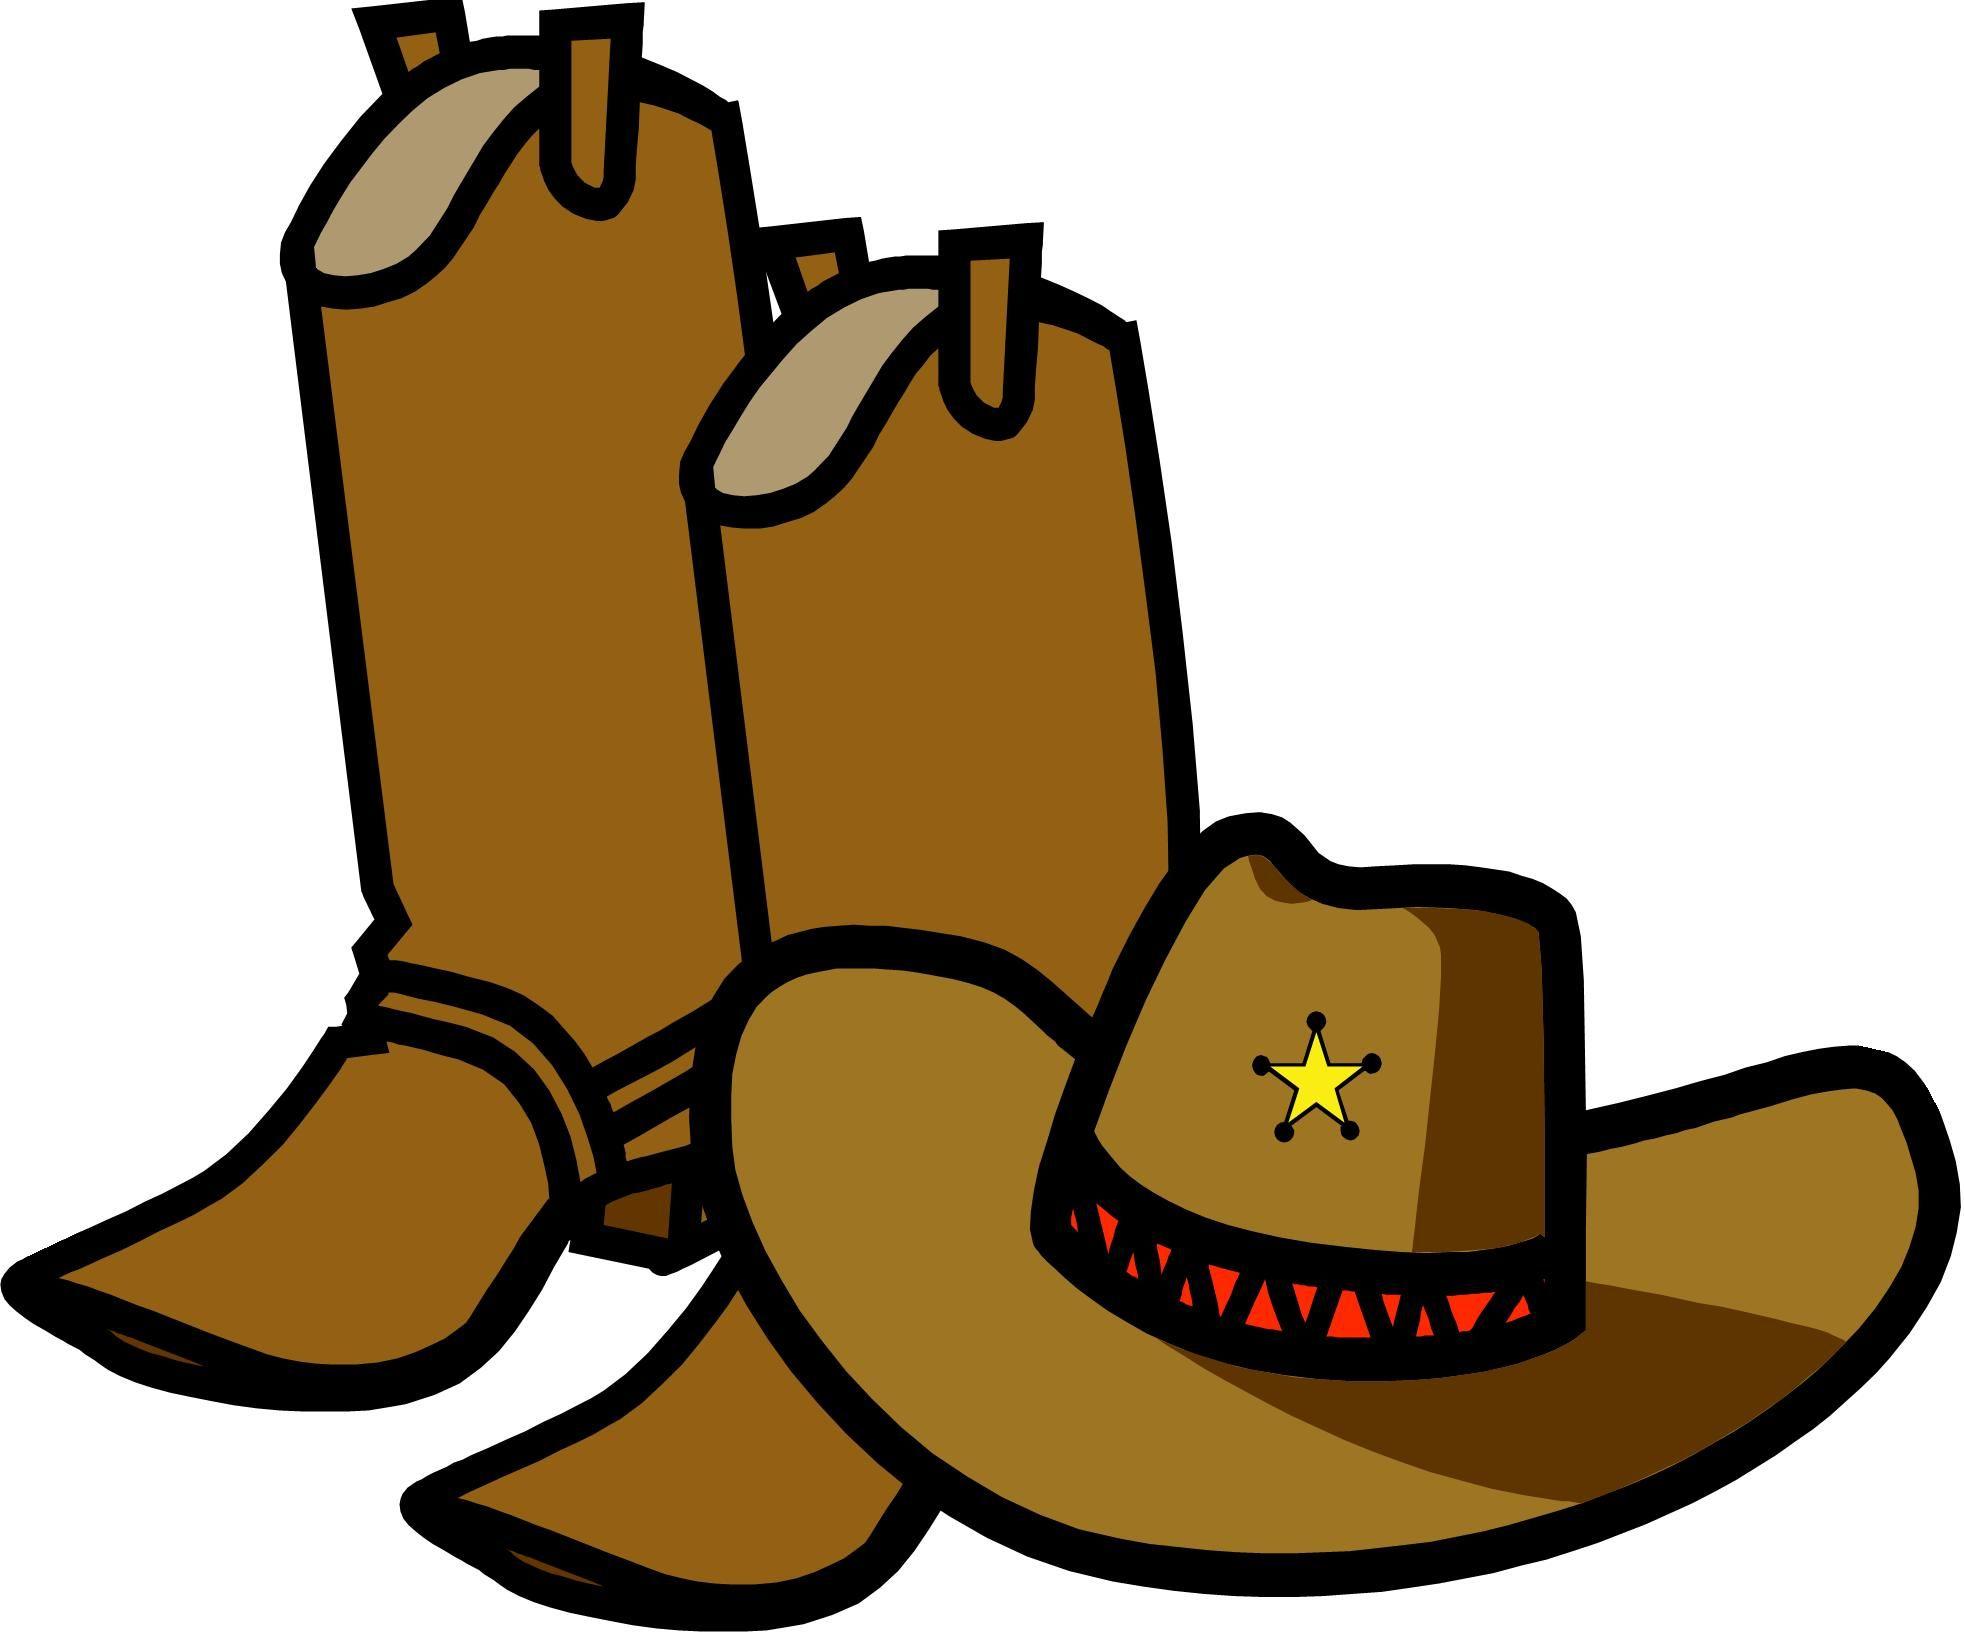 1964x1637 Cowboy Image Free Cartoon Western Clip Art